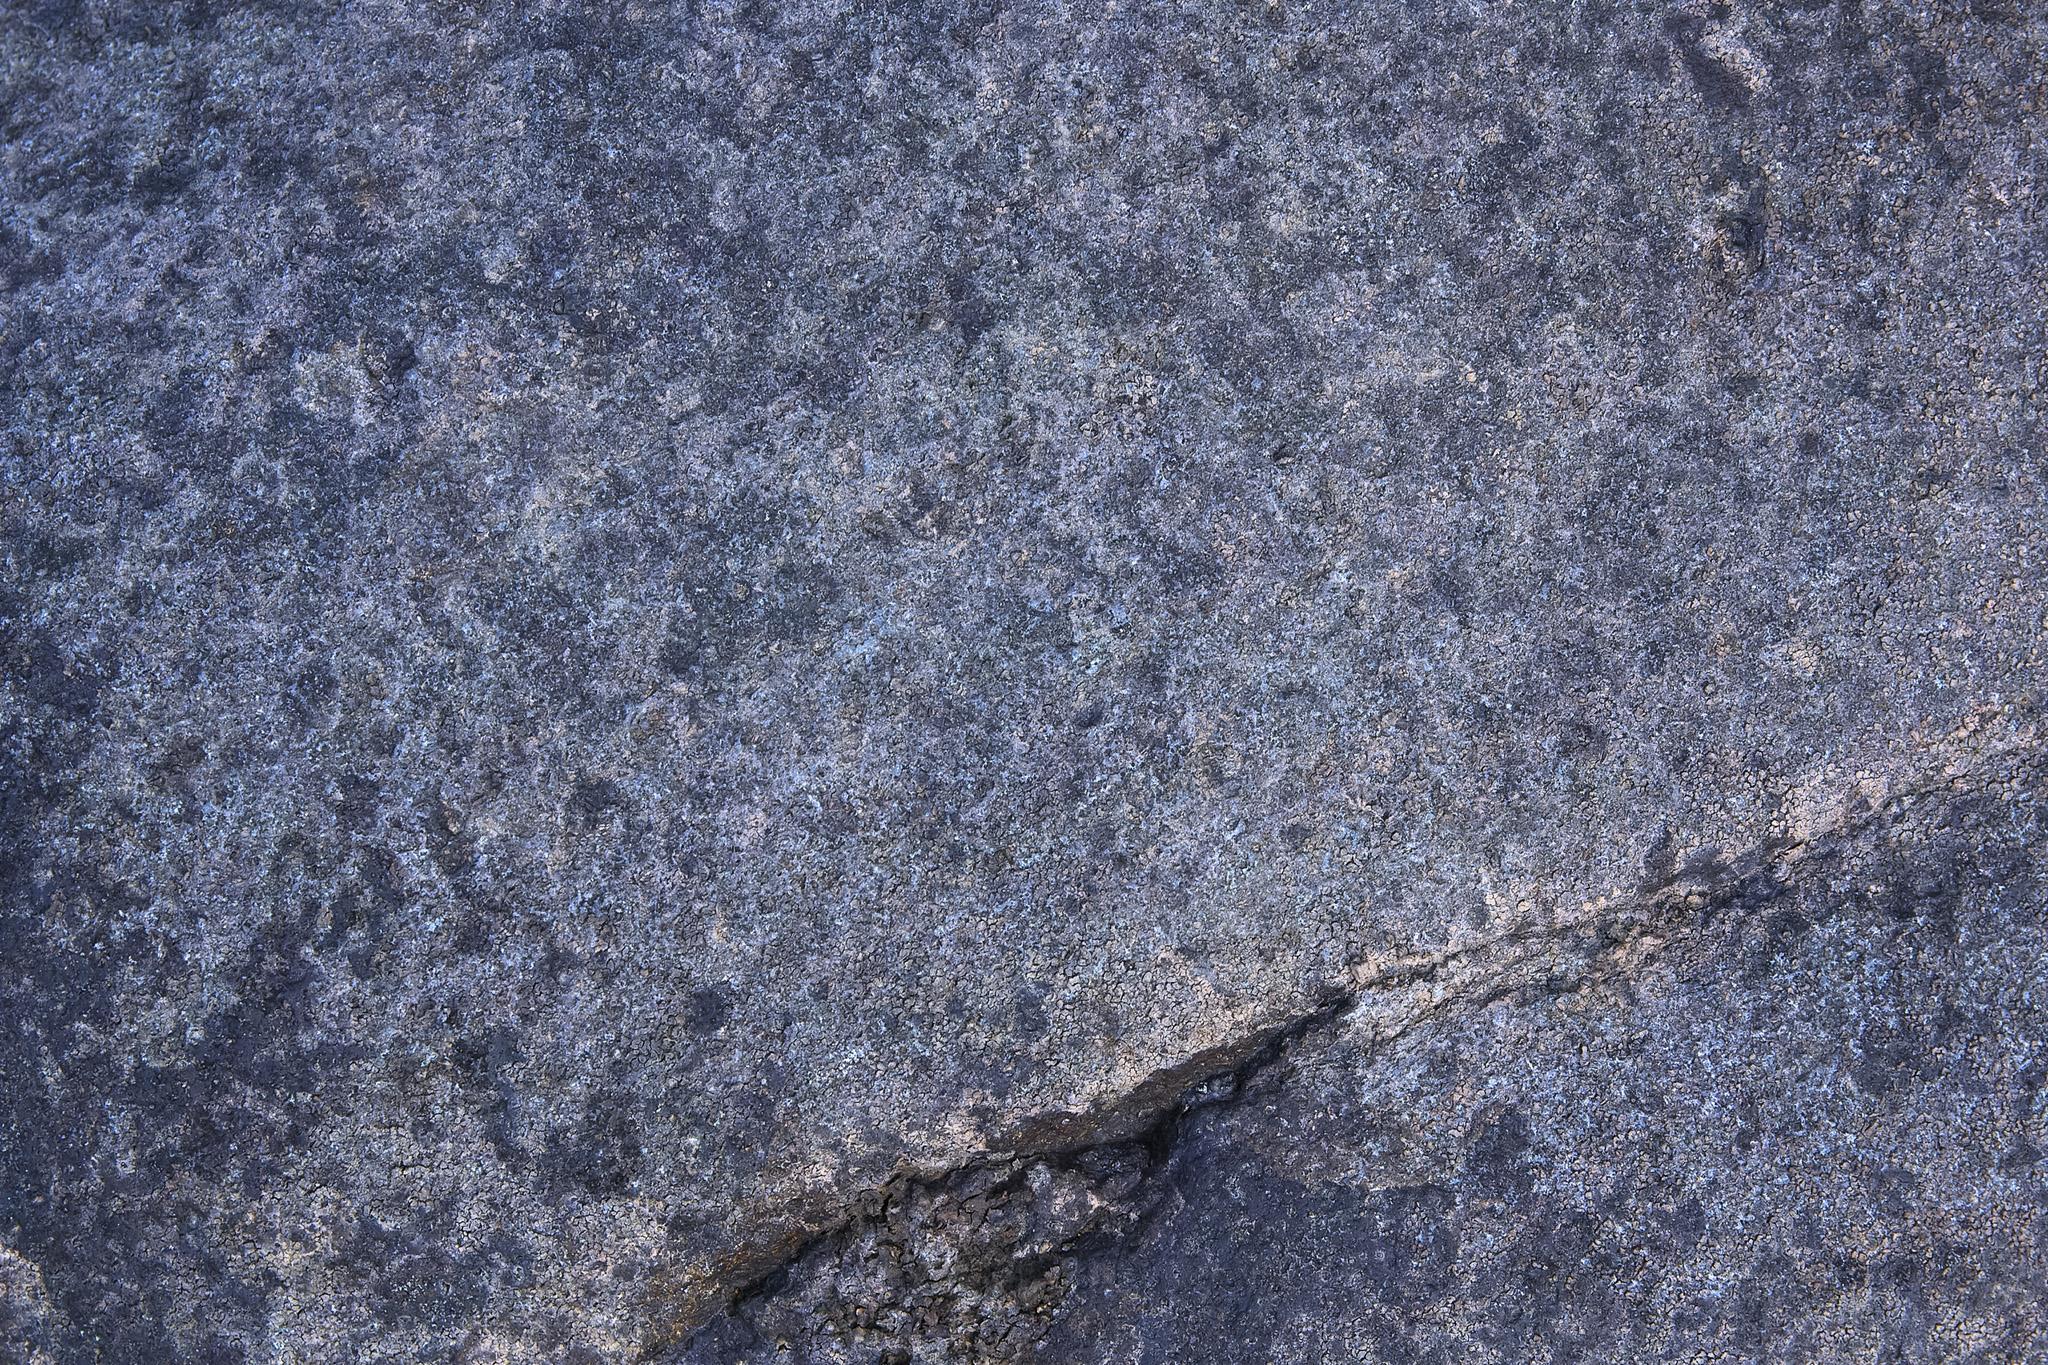 「ザラザラとした石の質感」